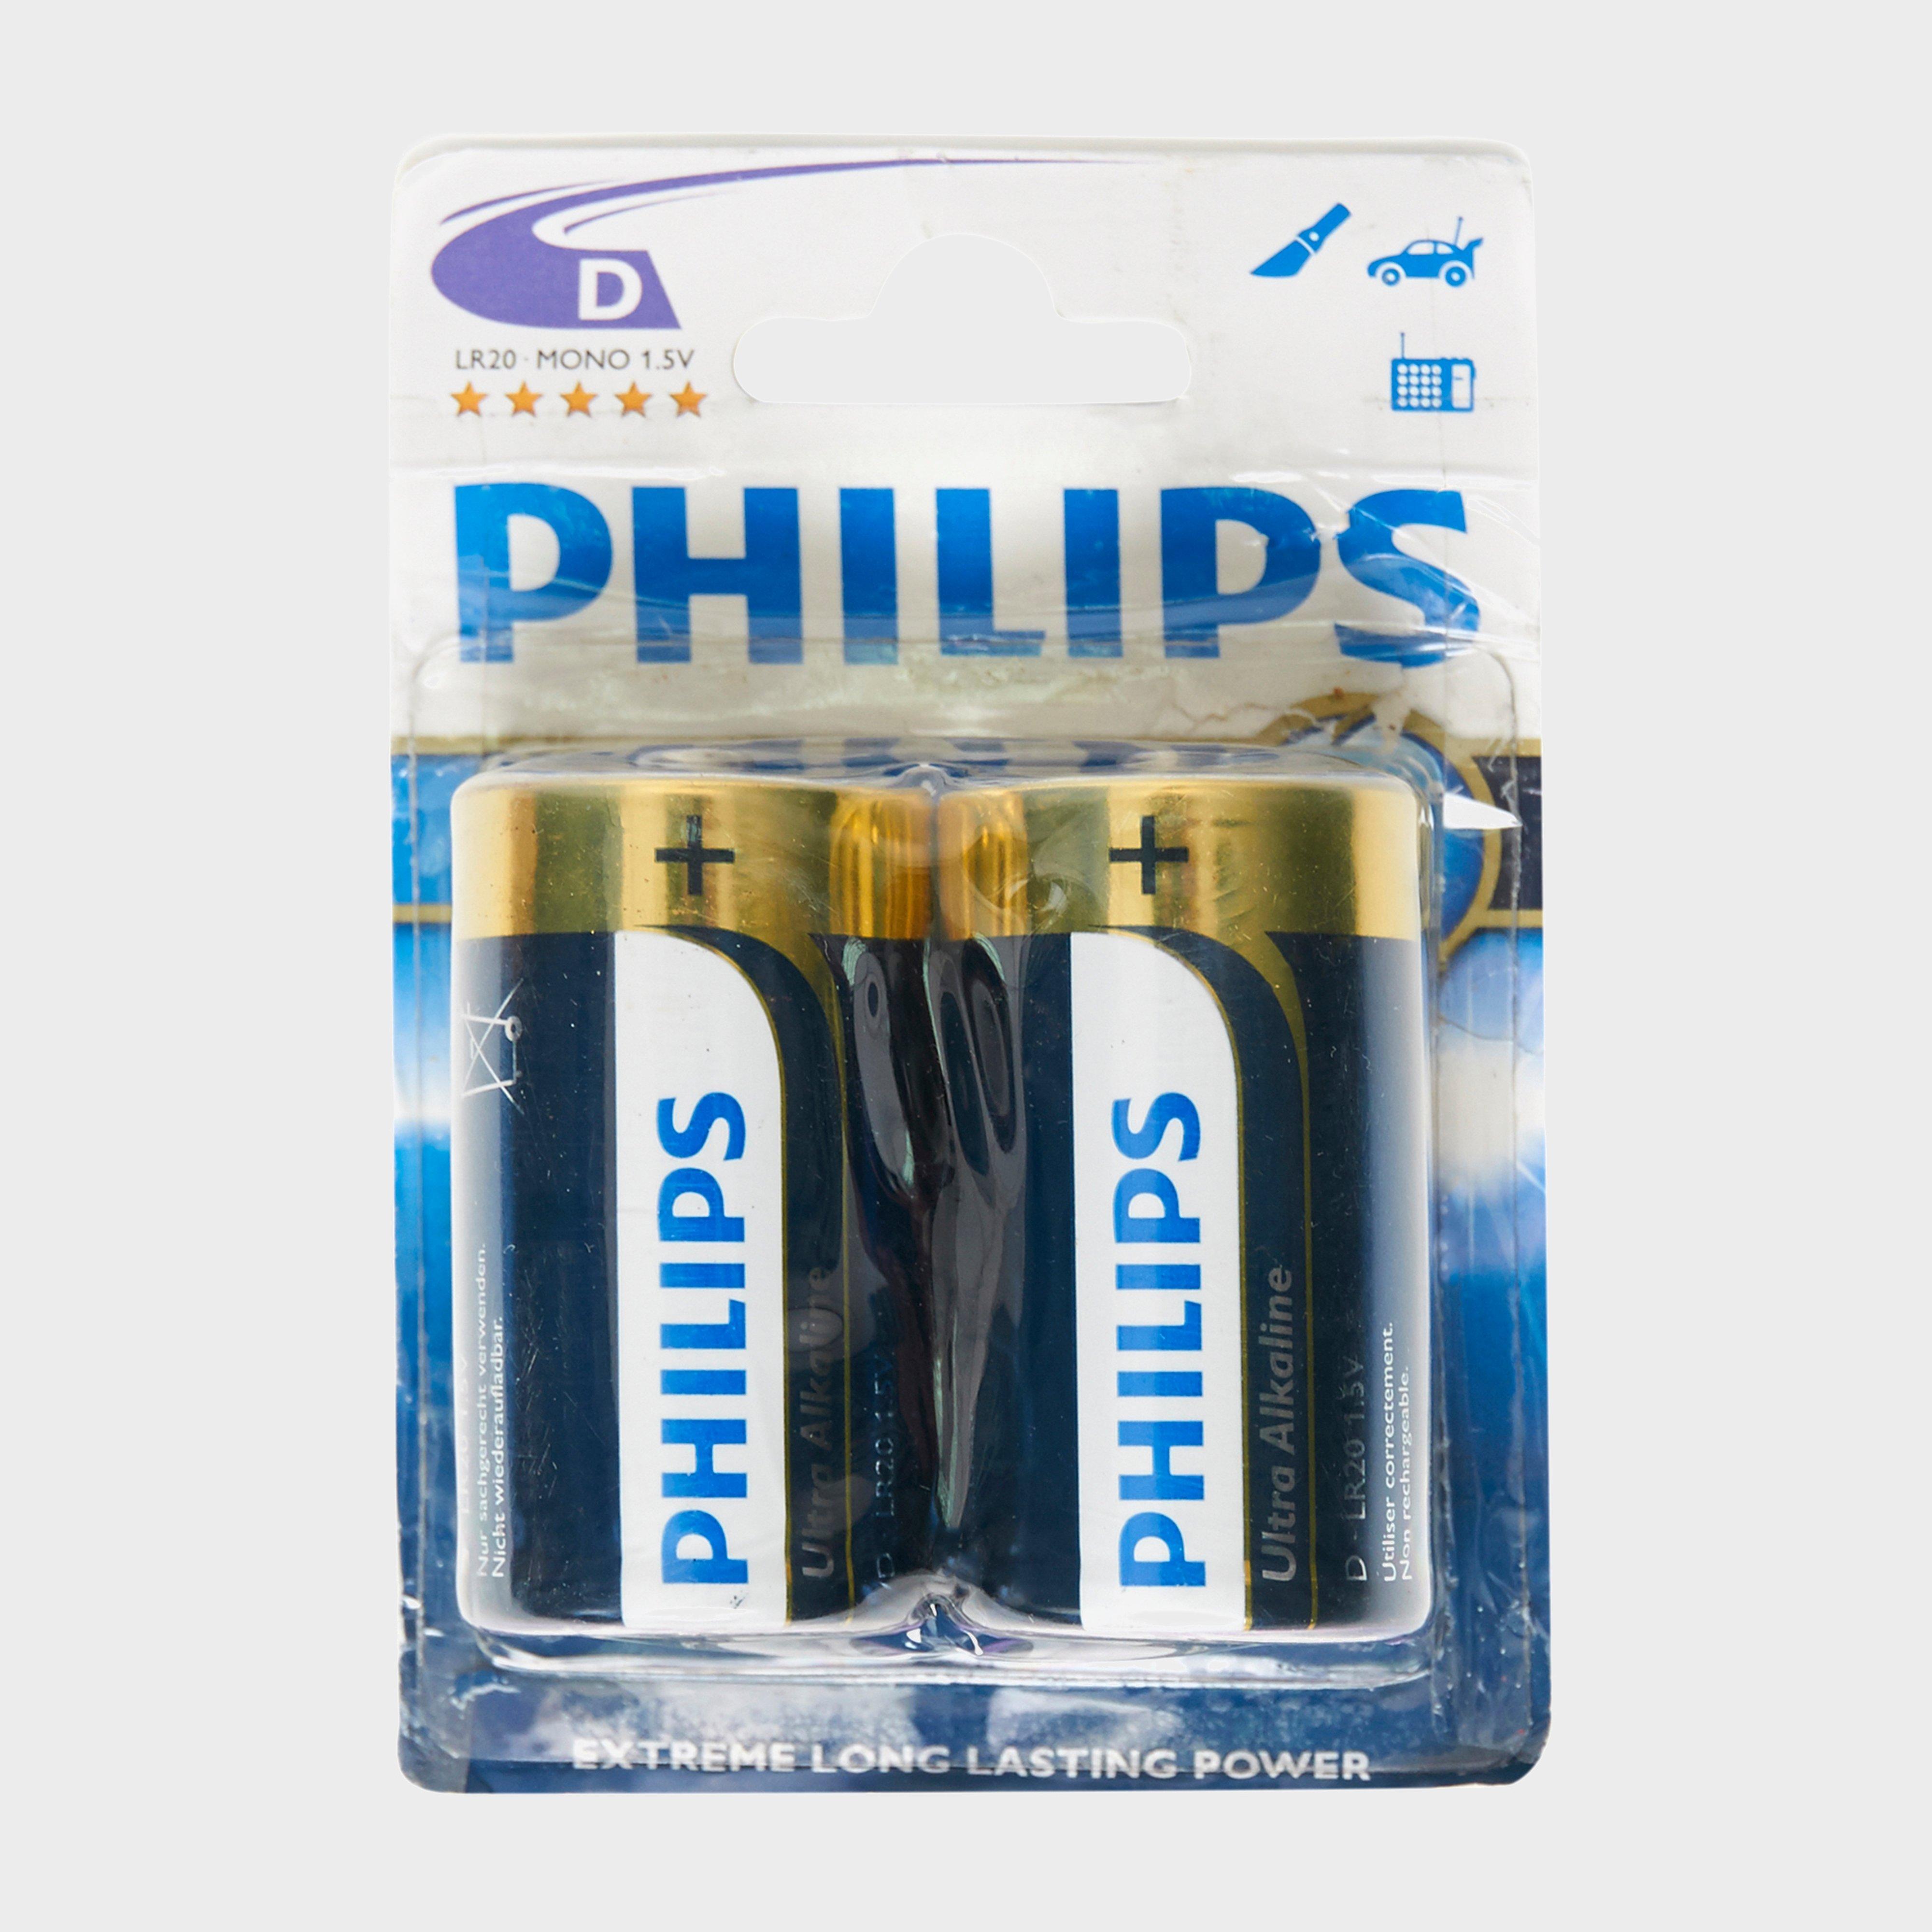 Phillips Ultra Alkaline D LR20 Batteries 2 Pack, Multi